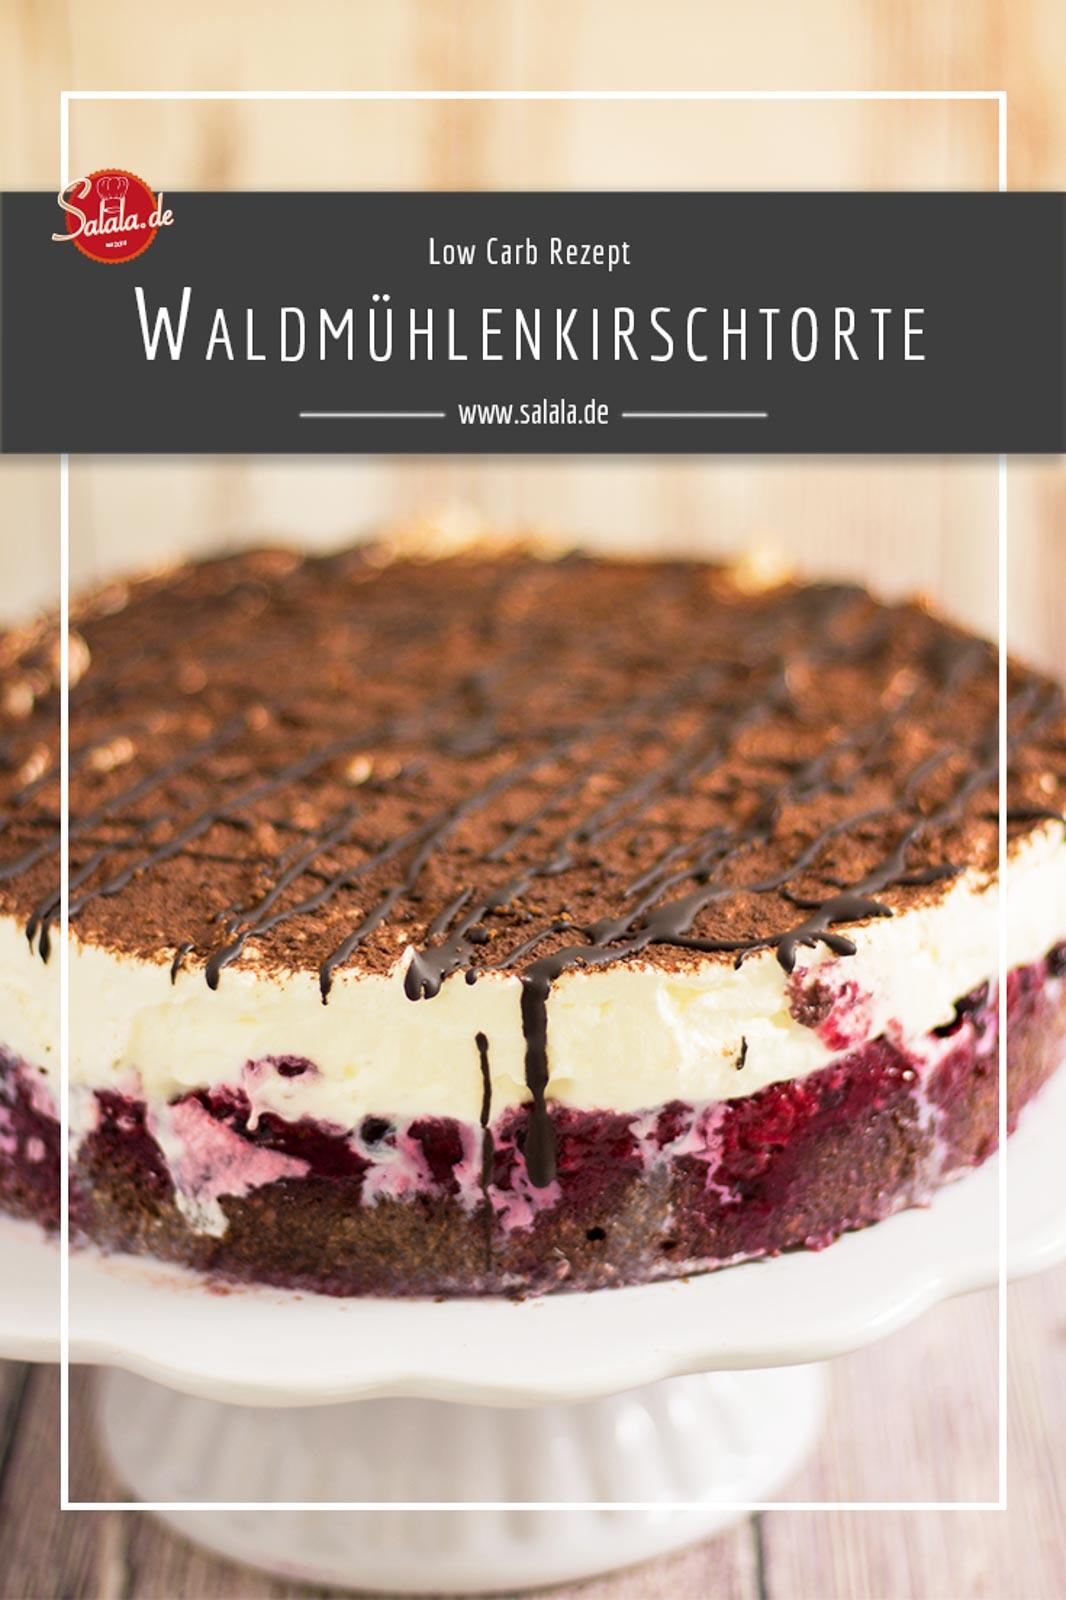 Waldmühlenkirschtorte - by salala.de - kleine Schwarzwälder Kirschtorte Low Carb Rezept ohne Mehl und ohne Zucker #backen #zuckerfrei #lowcarb